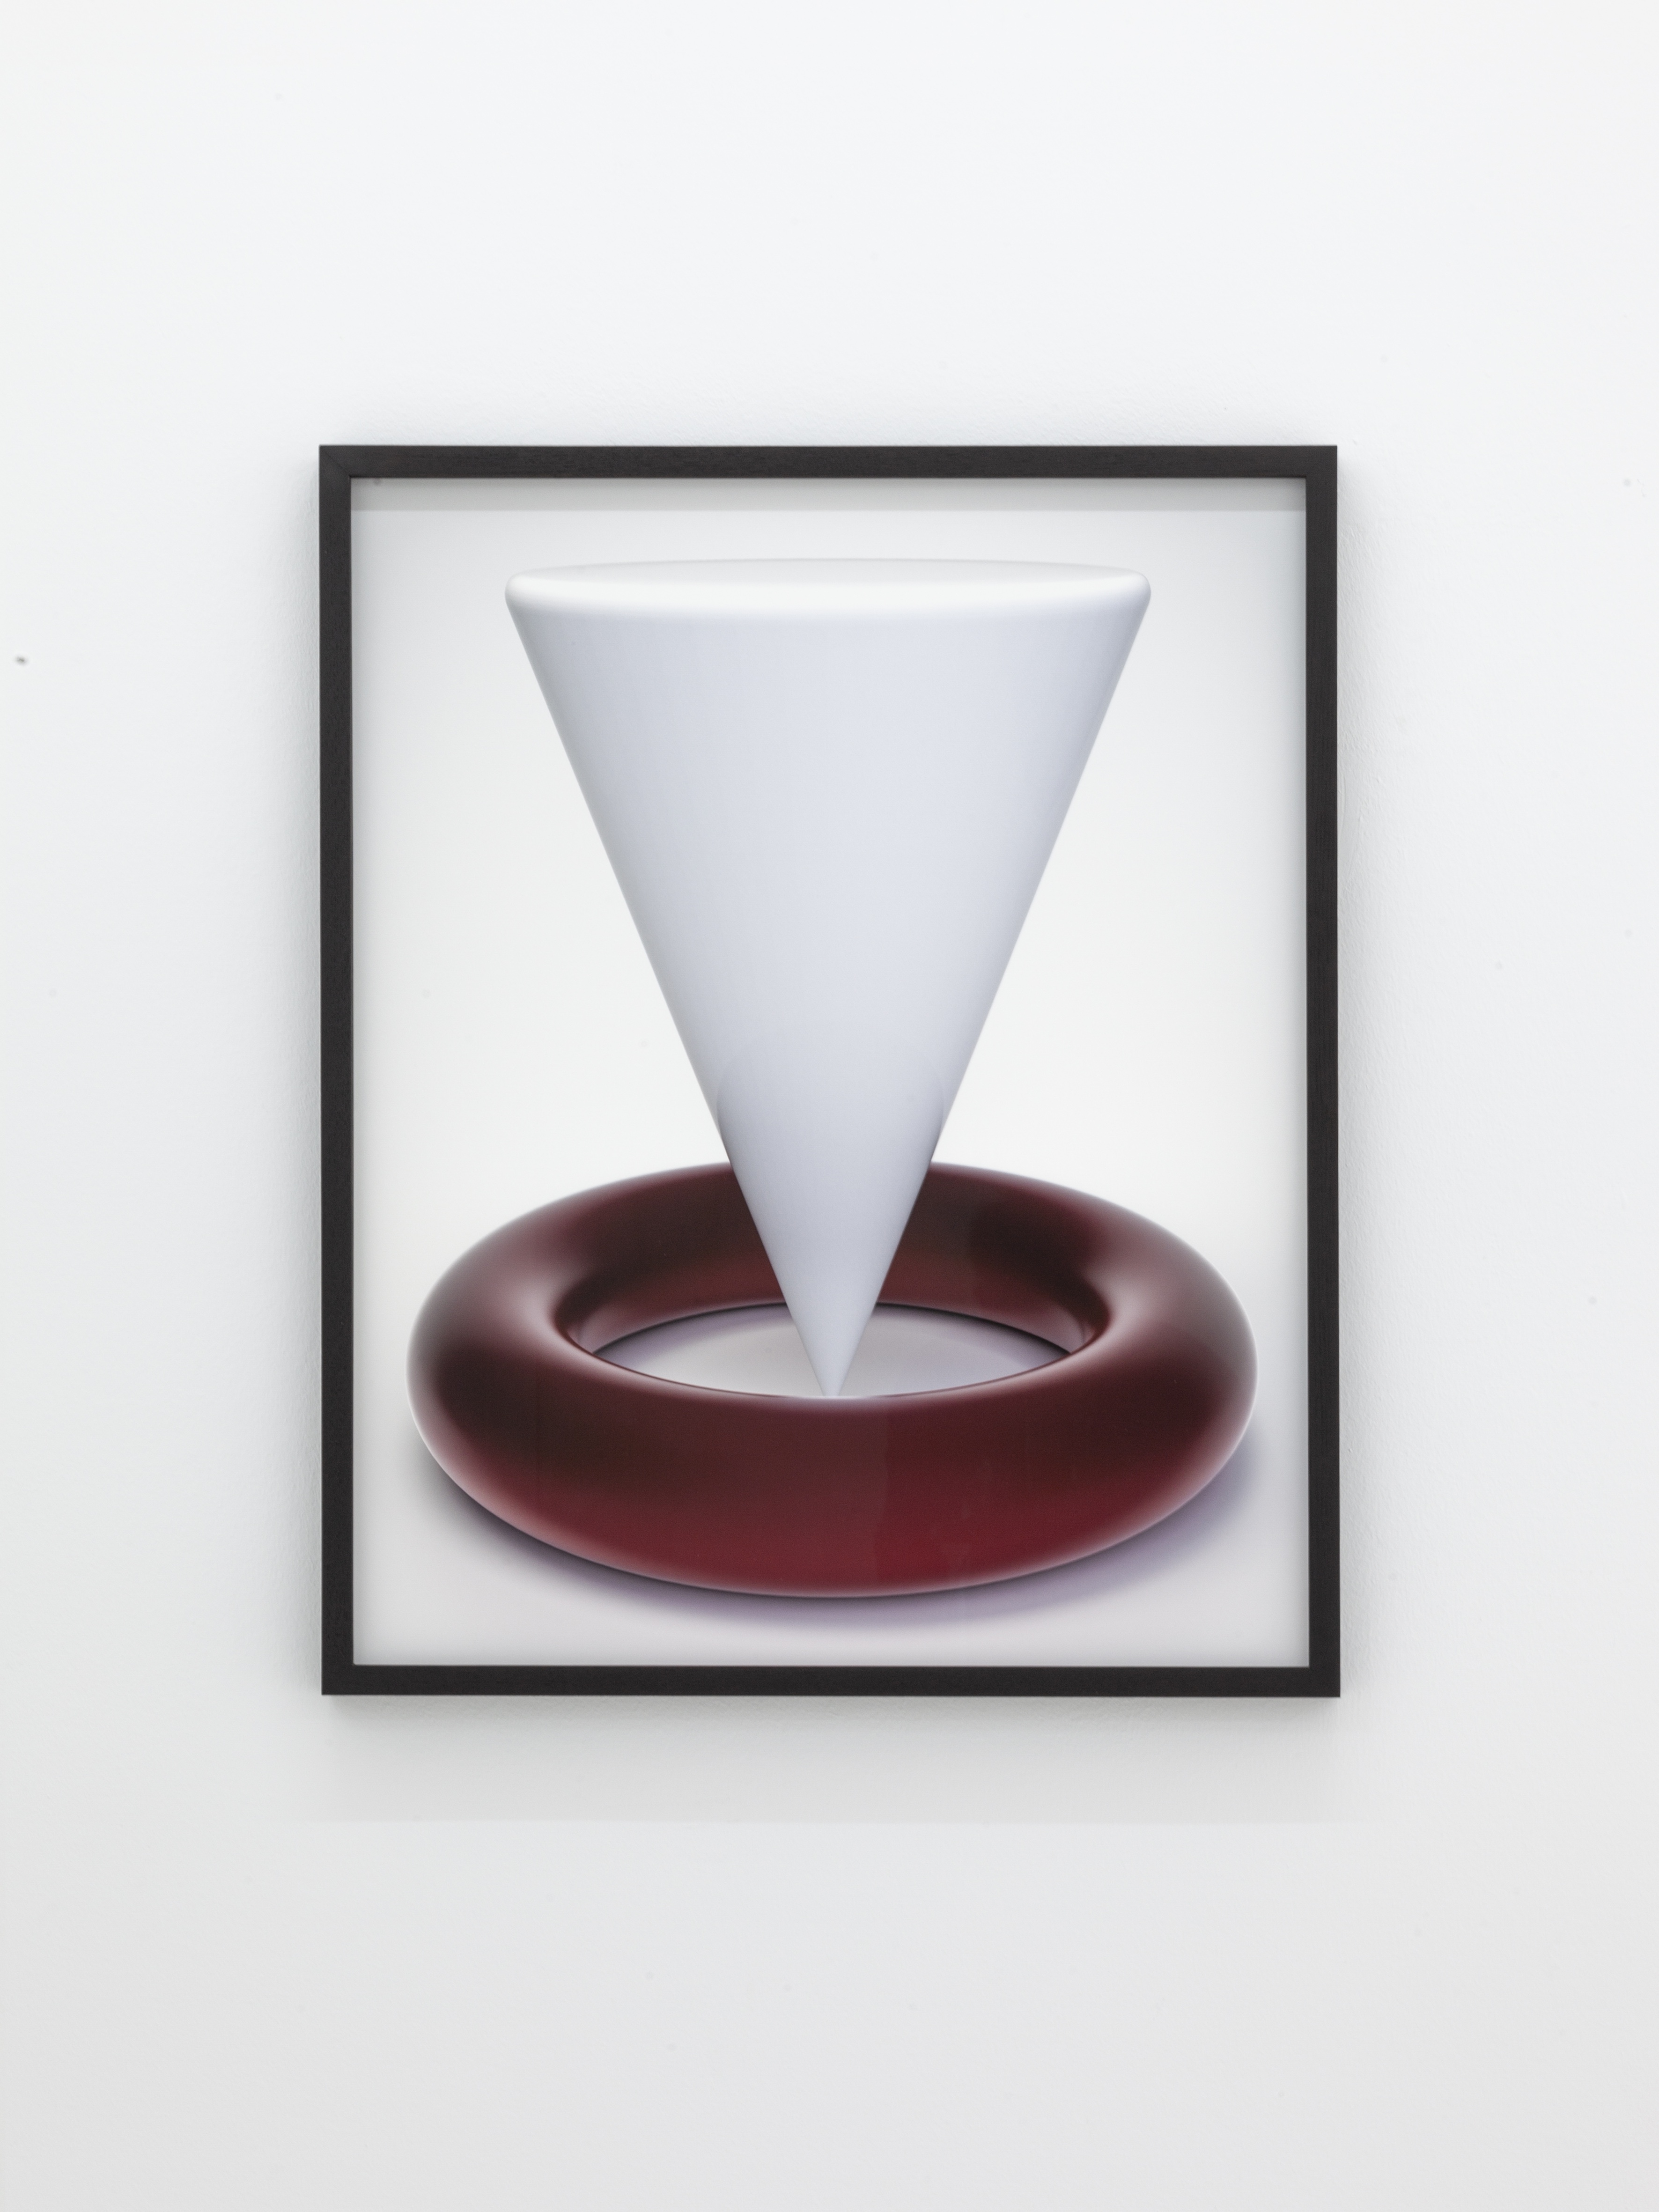 Banz & Bowinkel, Cylinder & Bots, 2019, installation view